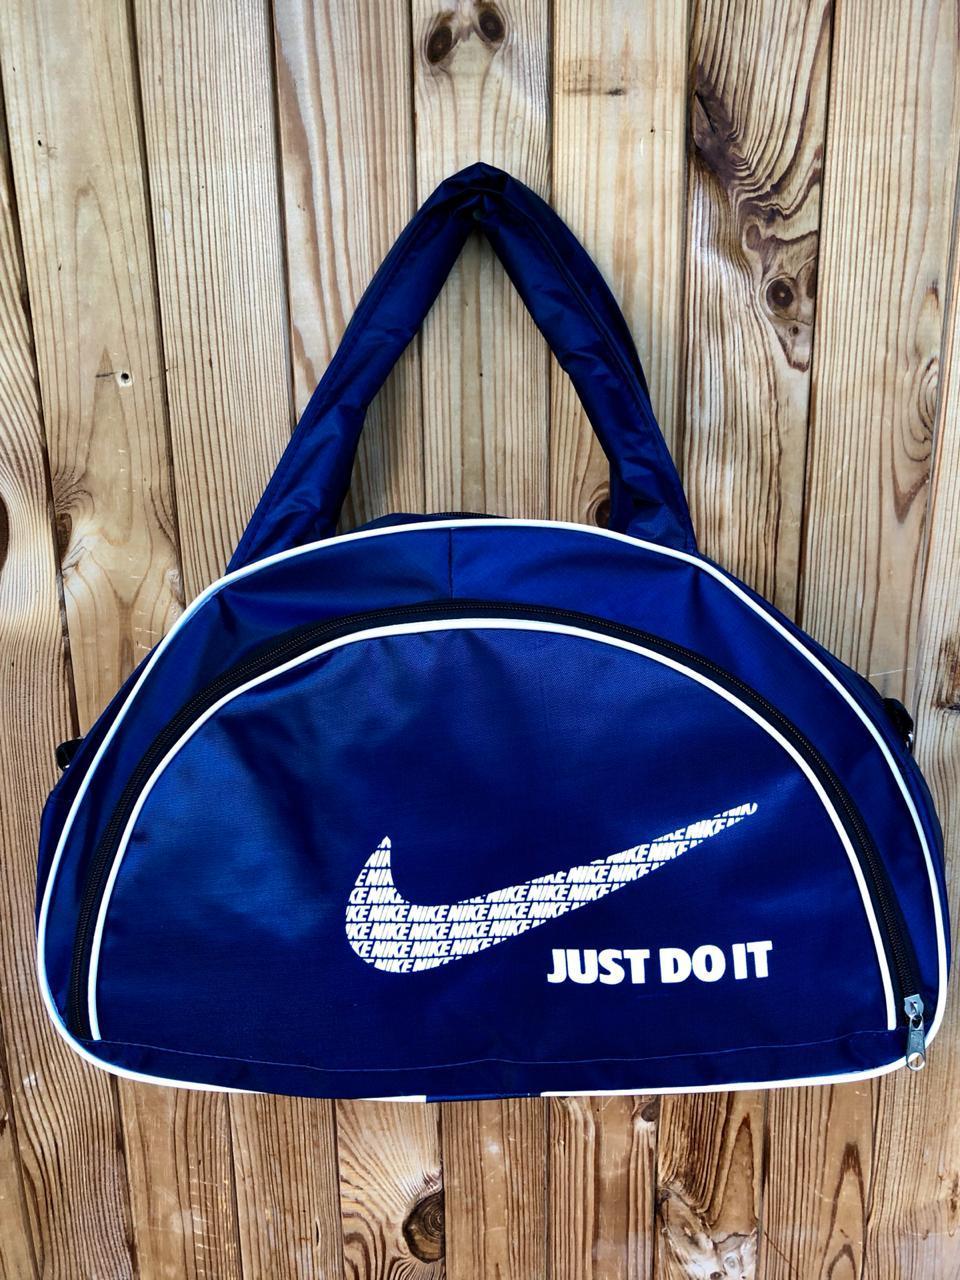 Спортивная сумка найк Nike, цвет синий, удобная и вместительная. Nike just do it